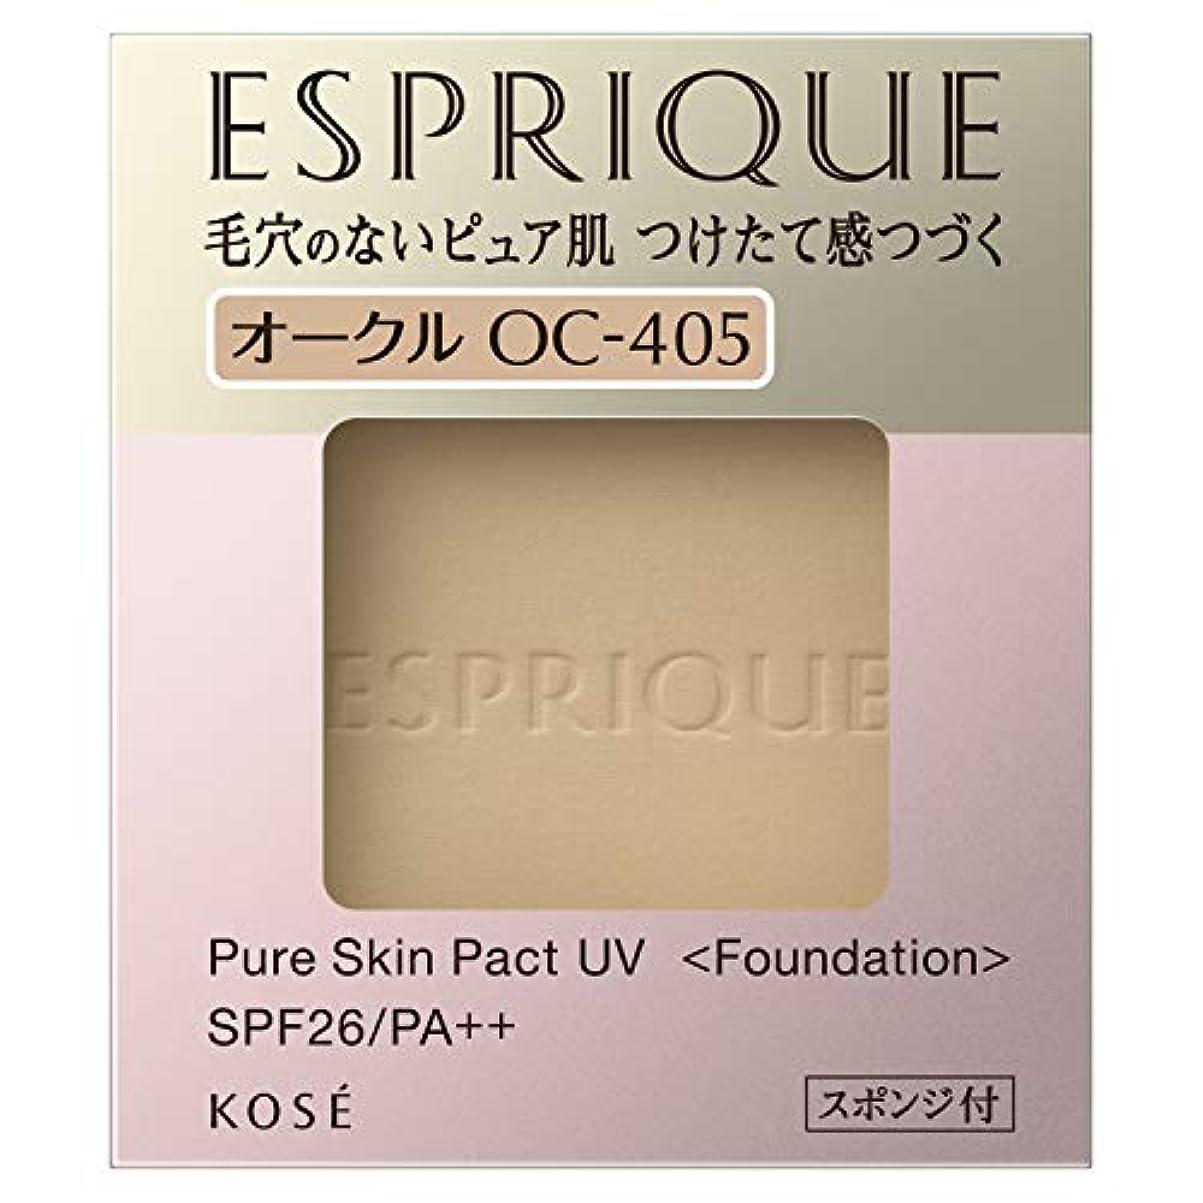 レオナルドダセットアップ夜間エスプリーク ピュアスキン パクト UV OC-405 オークル 9.3g